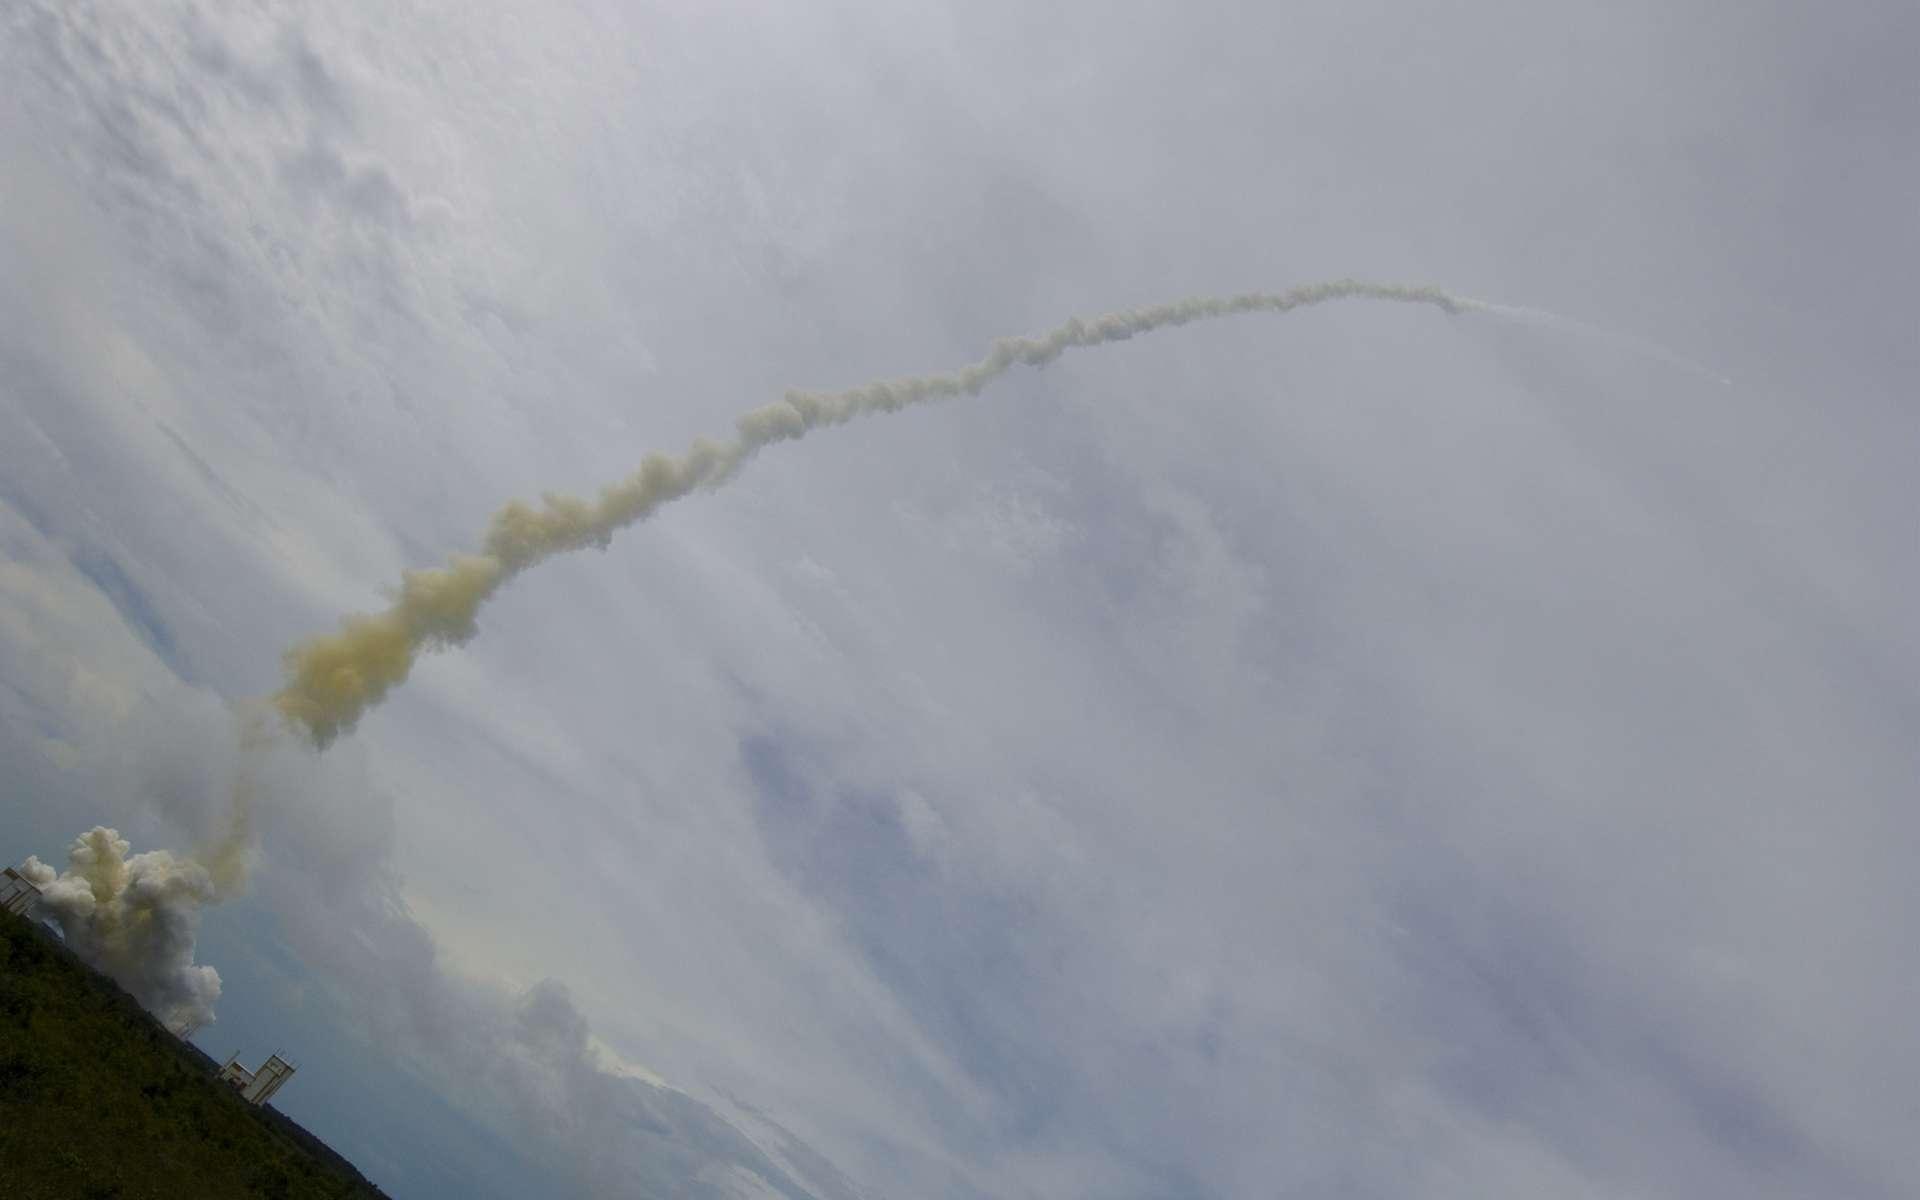 Avec ce lancement, Arianespace prouve une nouvelle fois la maturité de son lanceur prémium qui doit envoyer plus de 10.100 tonnes ! Une performance remarquable pour ce dernier conçu pour tout juste 10 tonnes. © S.Corvaja, Esa, Cnes, Arianespace